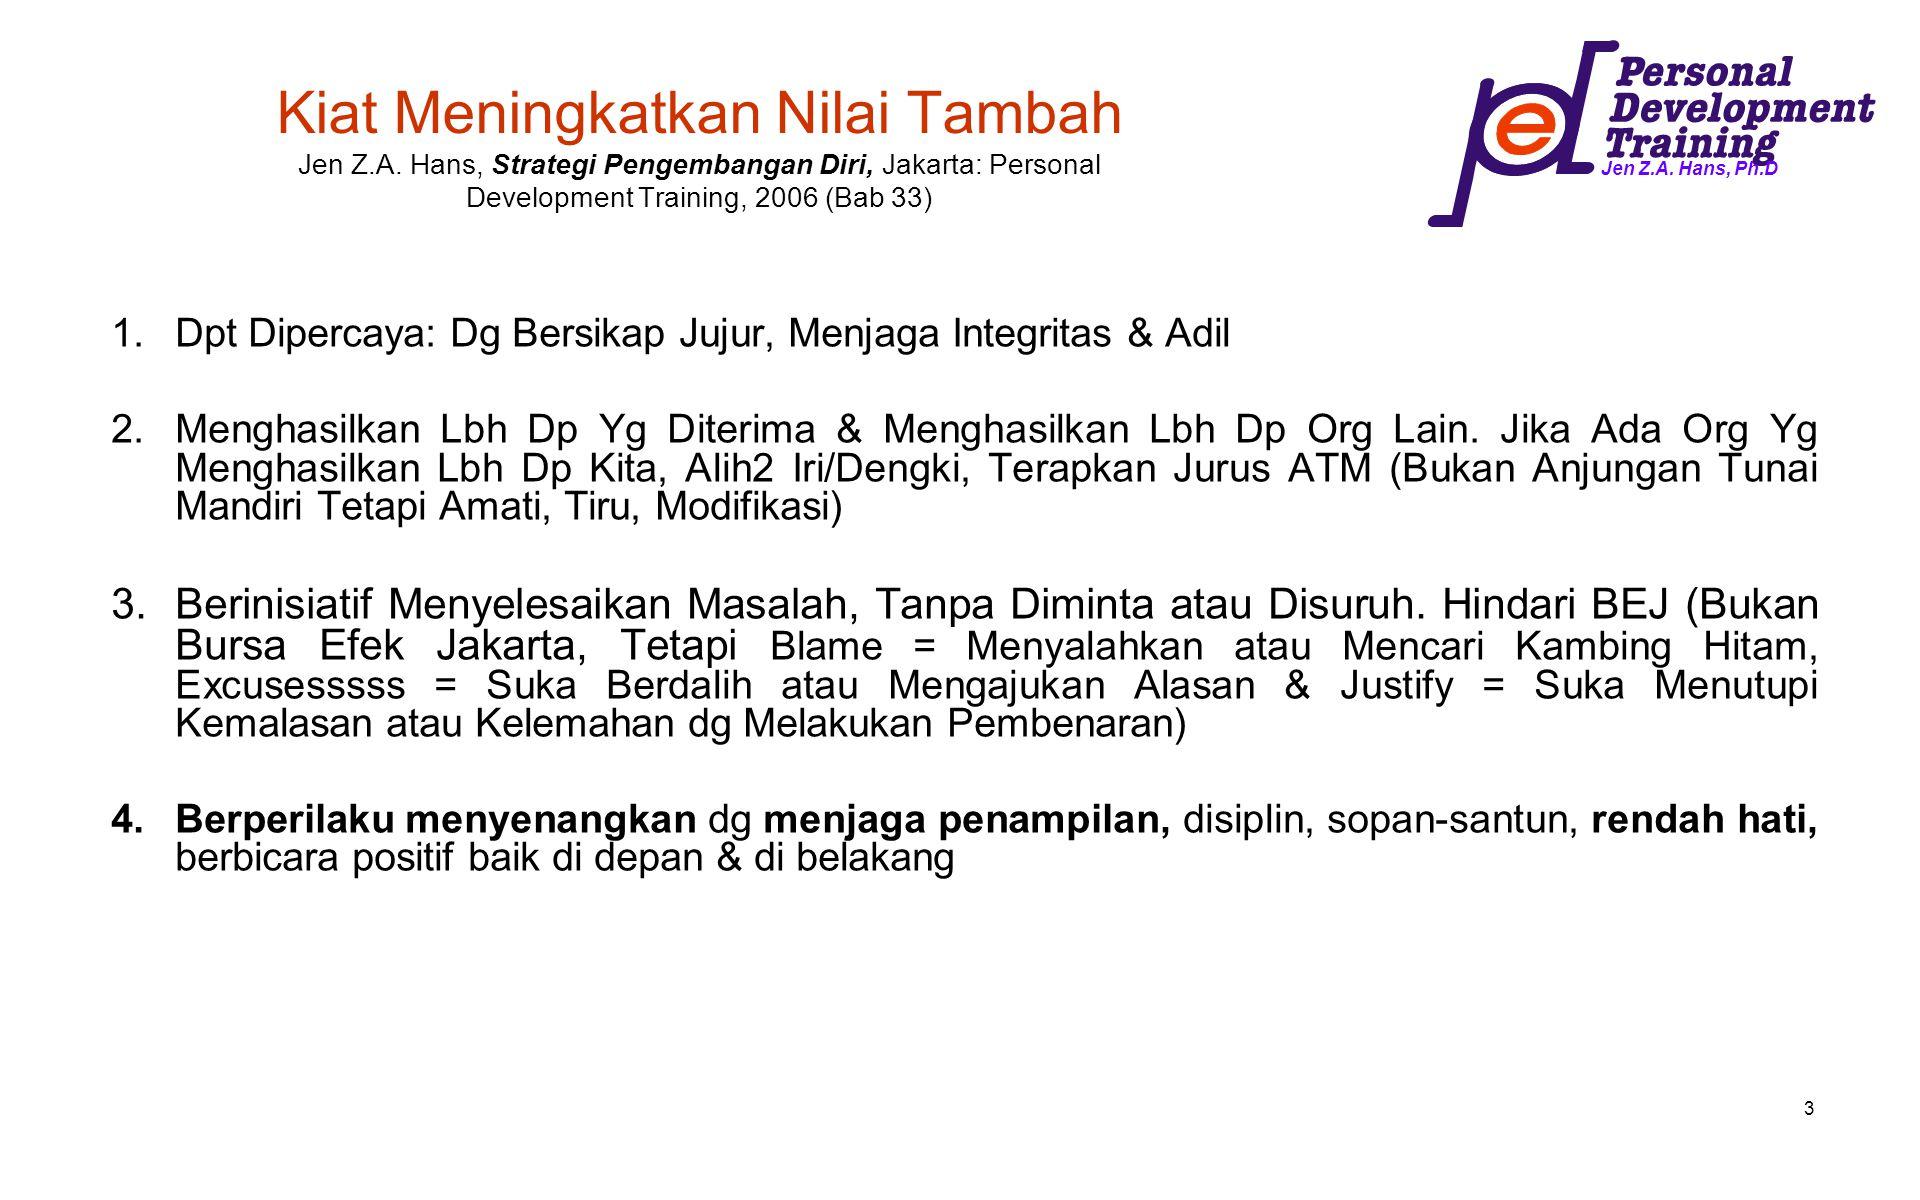 Jen Z.A. Hans, Ph.D 3 Kiat Meningkatkan Nilai Tambah Jen Z.A. Hans, Strategi Pengembangan Diri, Jakarta: Personal Development Training, 2006 (Bab 33)